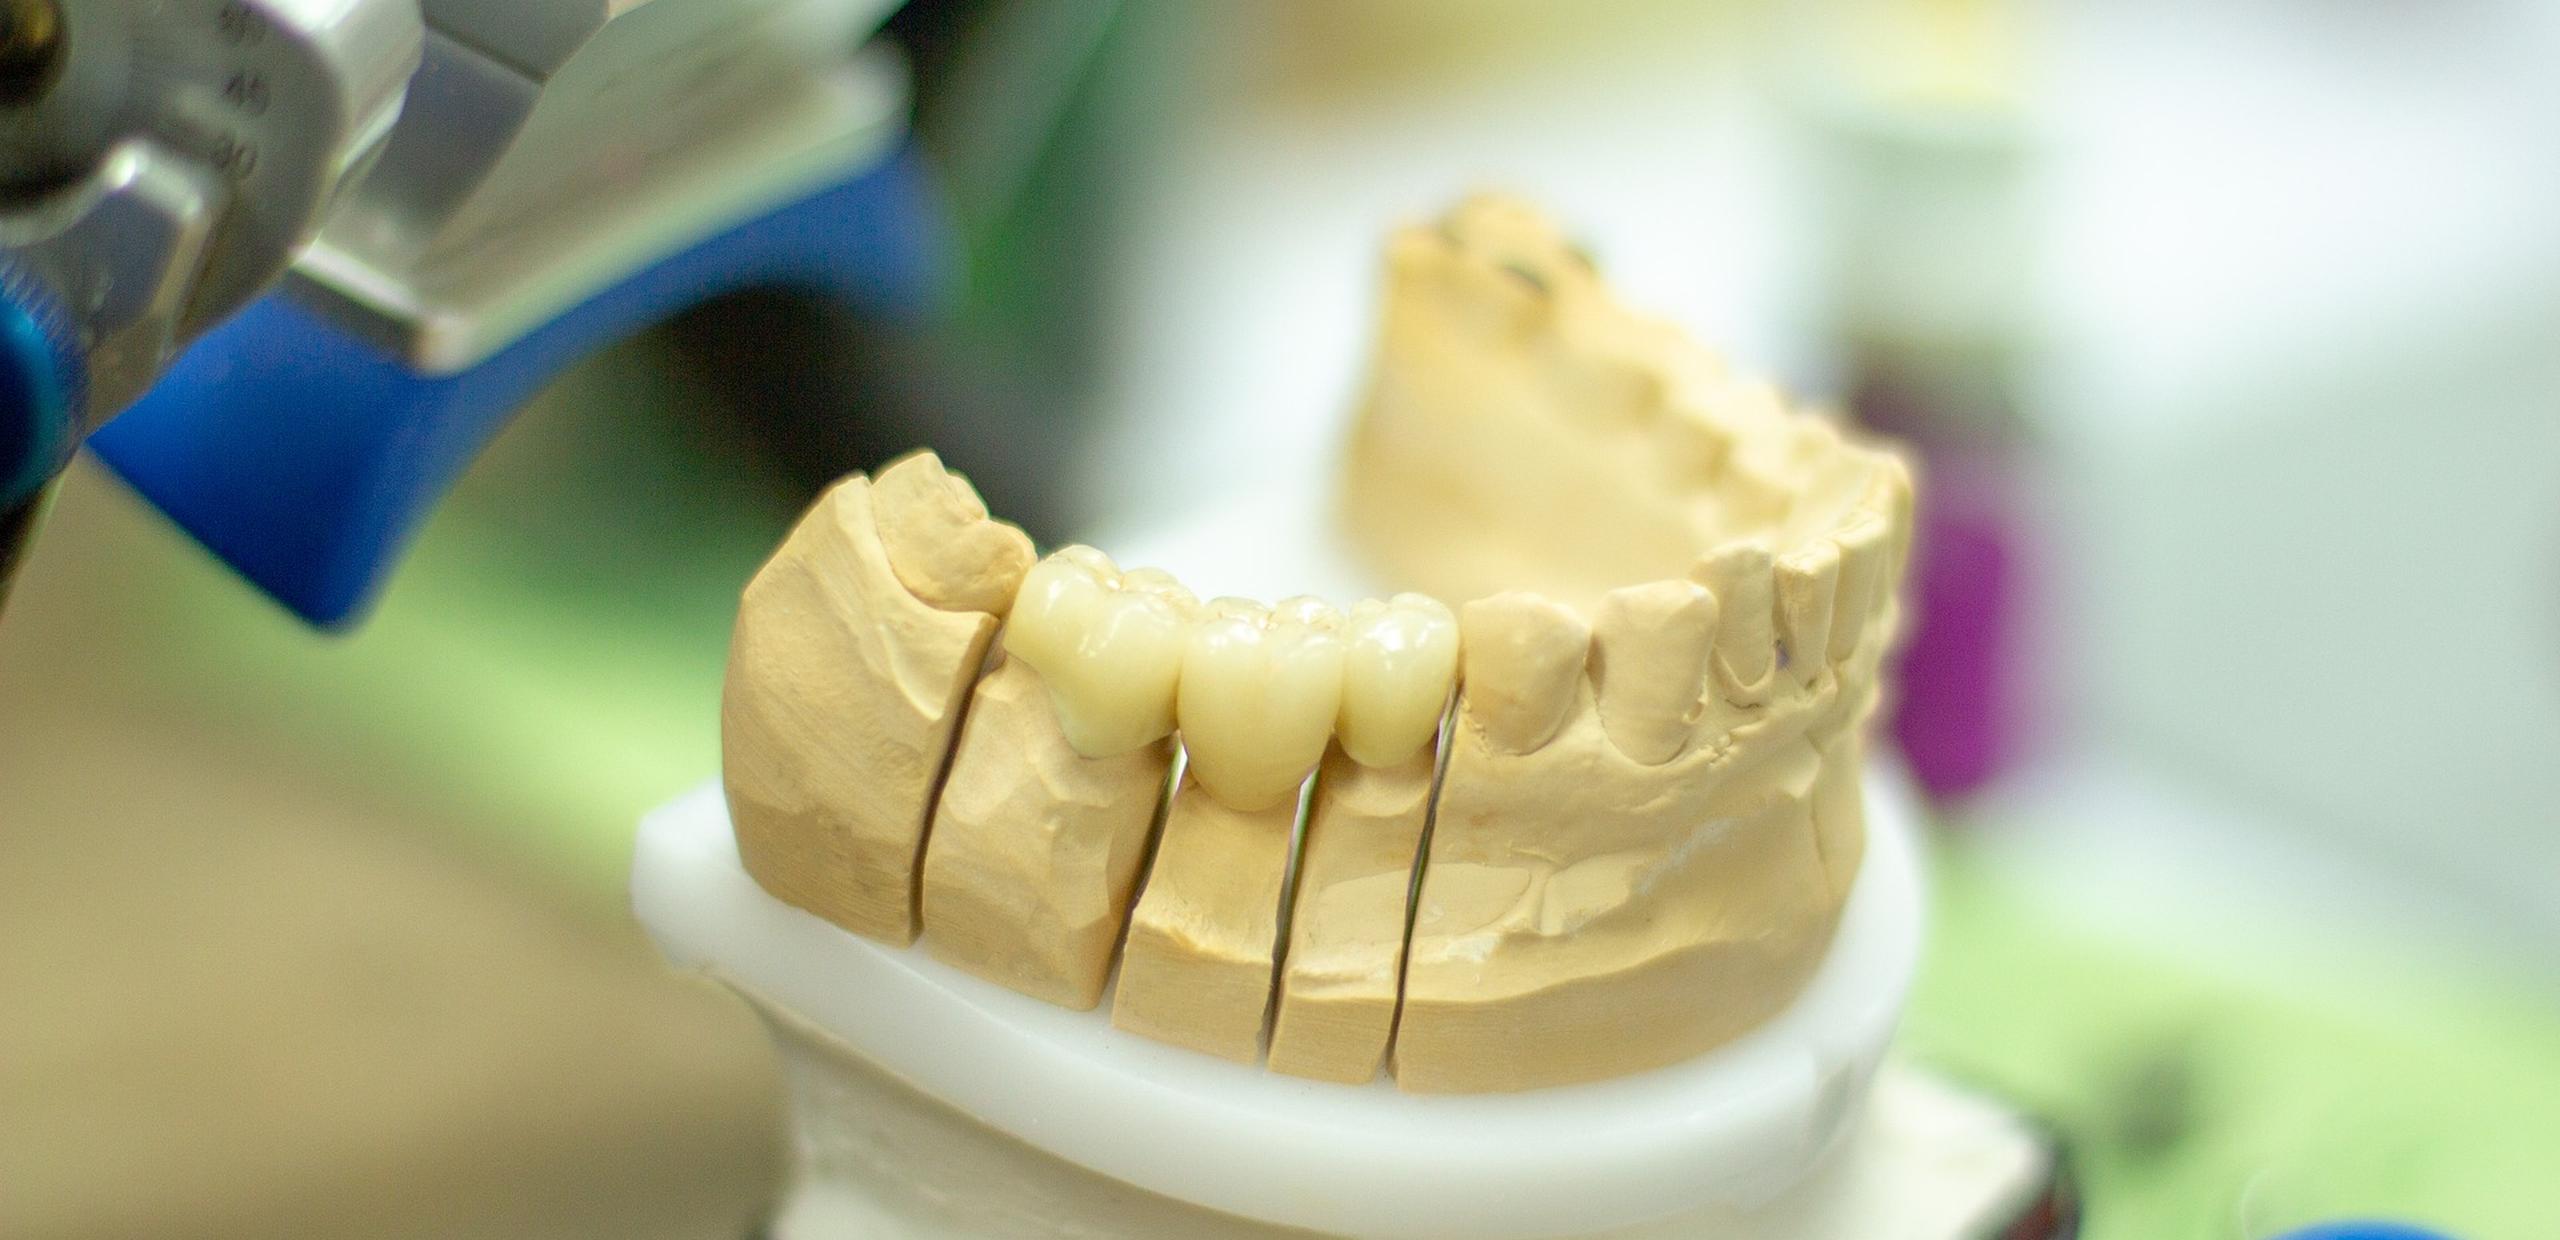 Zahnersatz Gebissabdruck